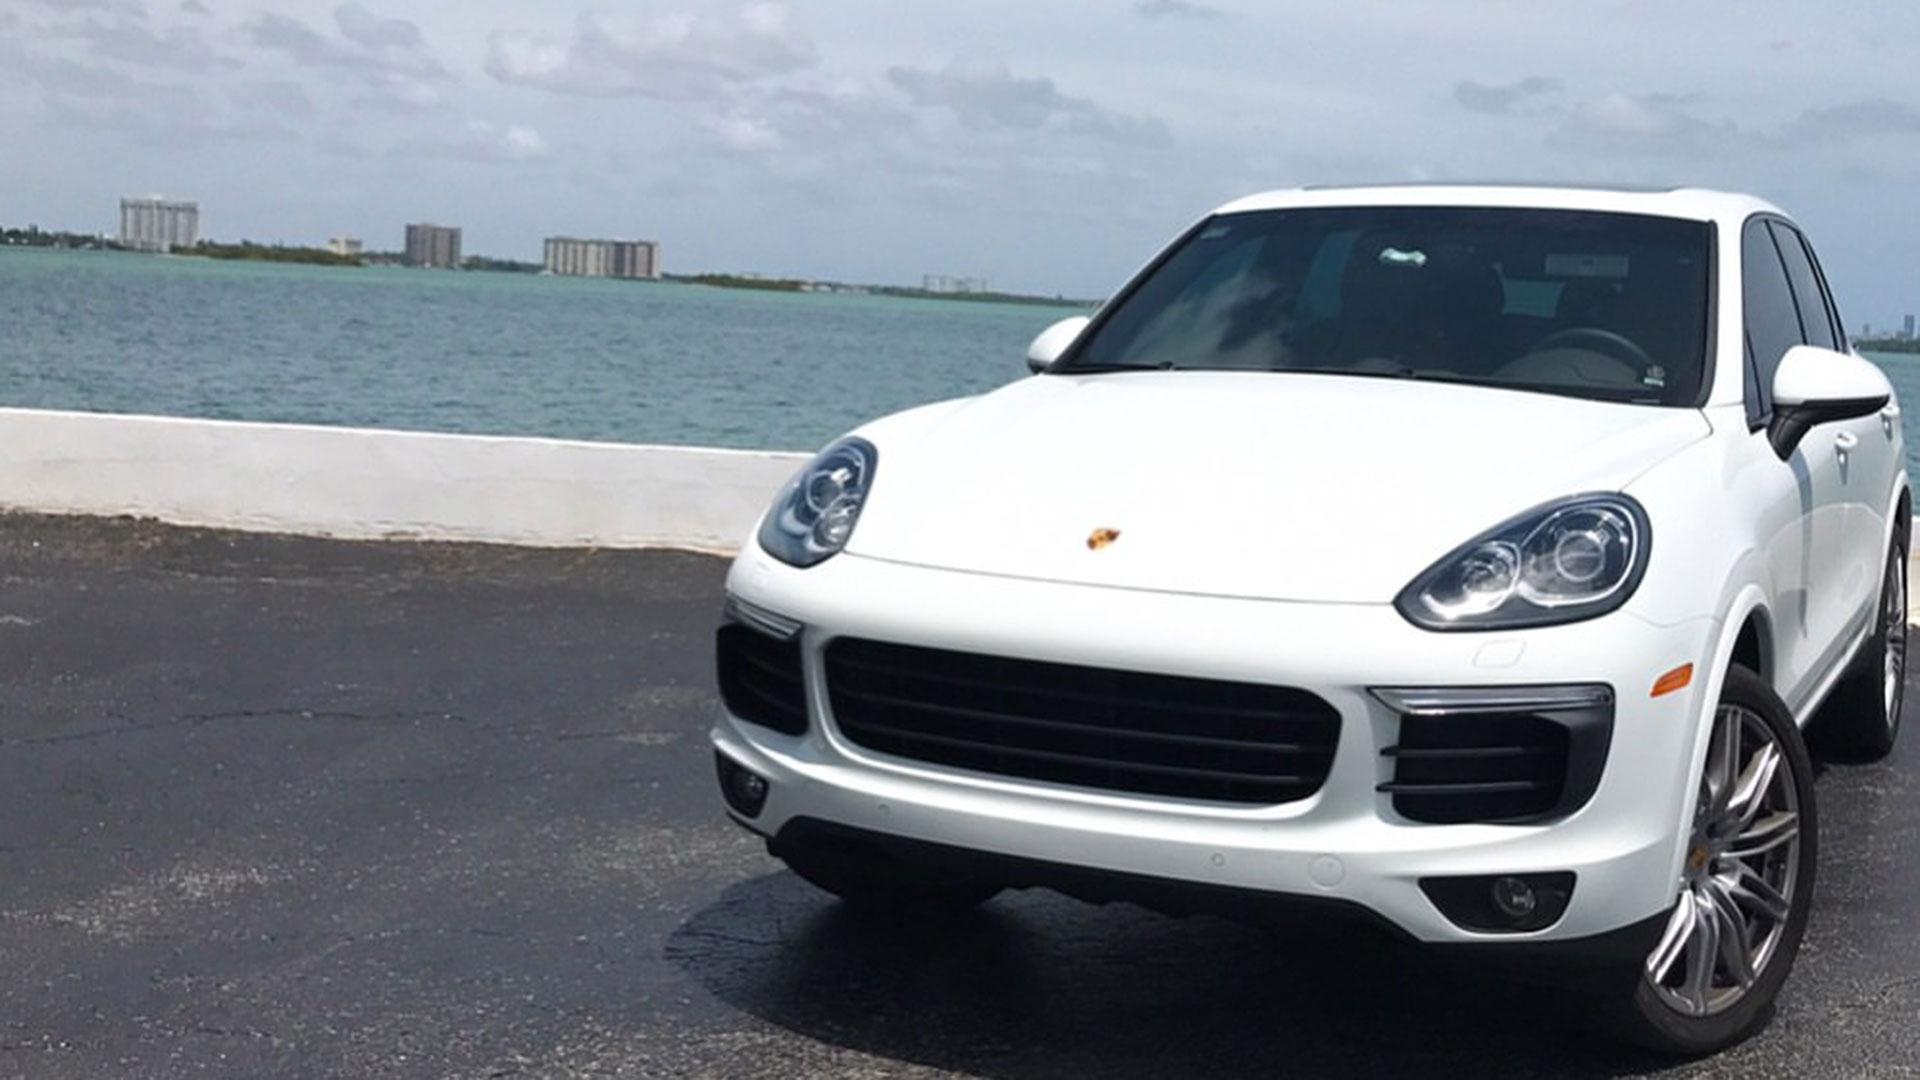 Entre sus propiedades figuraba una camioneta Porsche blanca que usaba para ir a la universidad.